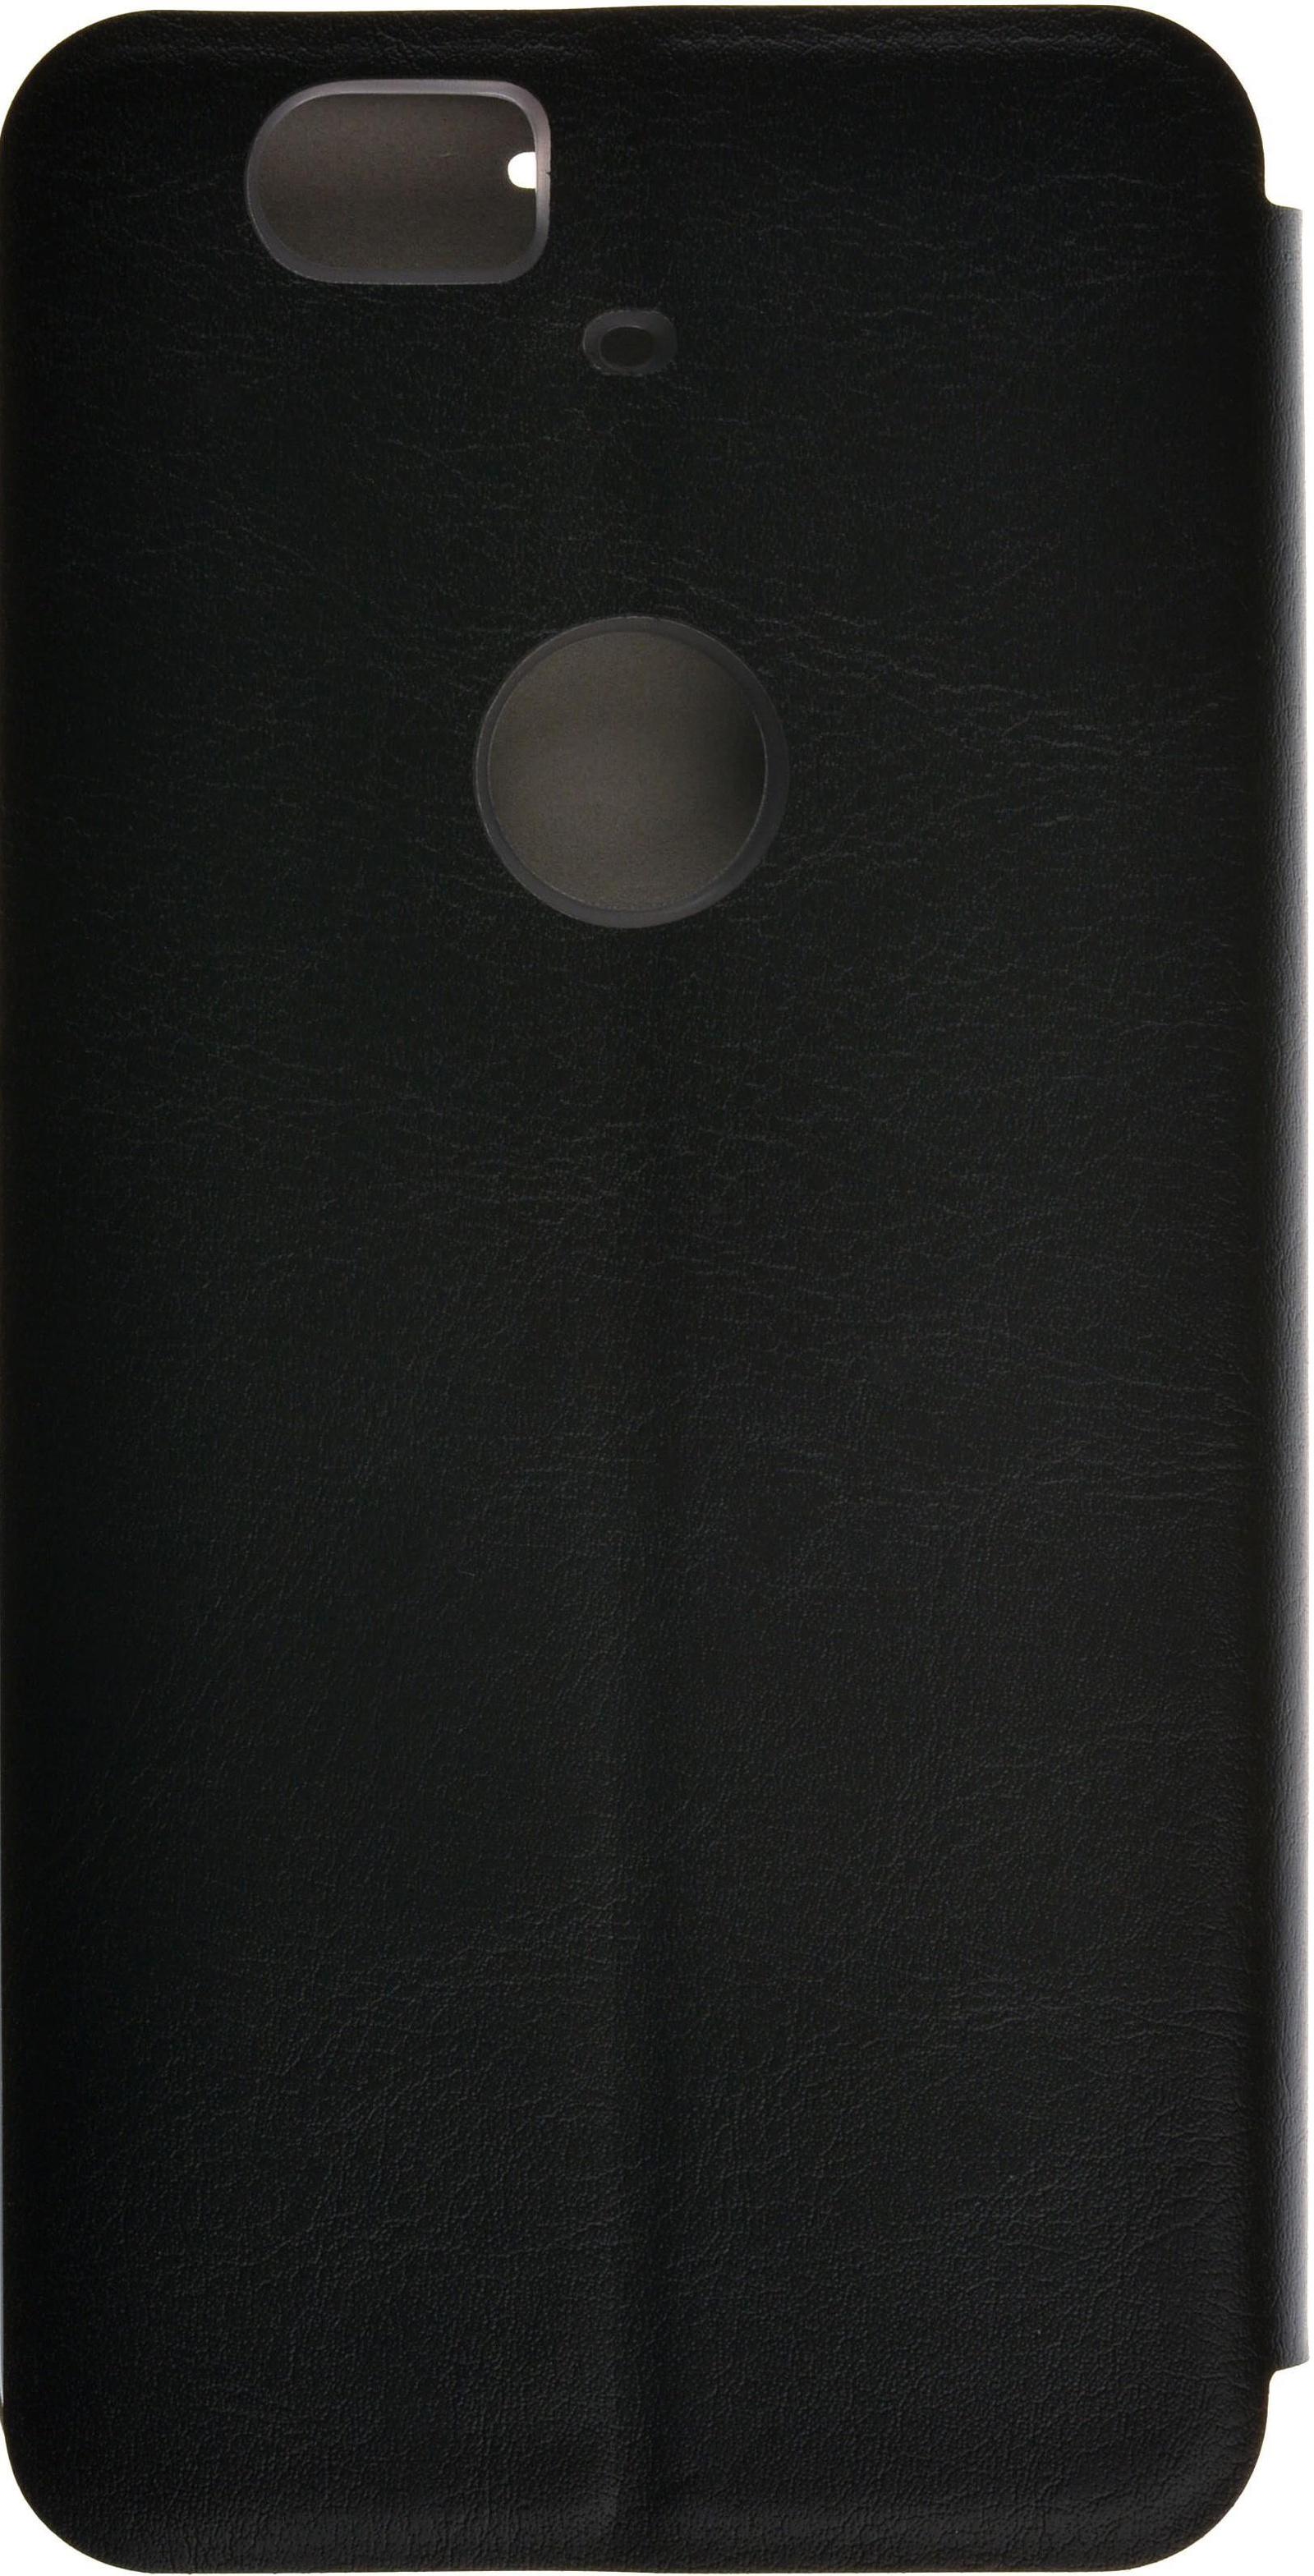 Чехол для сотового телефона skinBOX Lux, 4630042527621, черный Skinbox